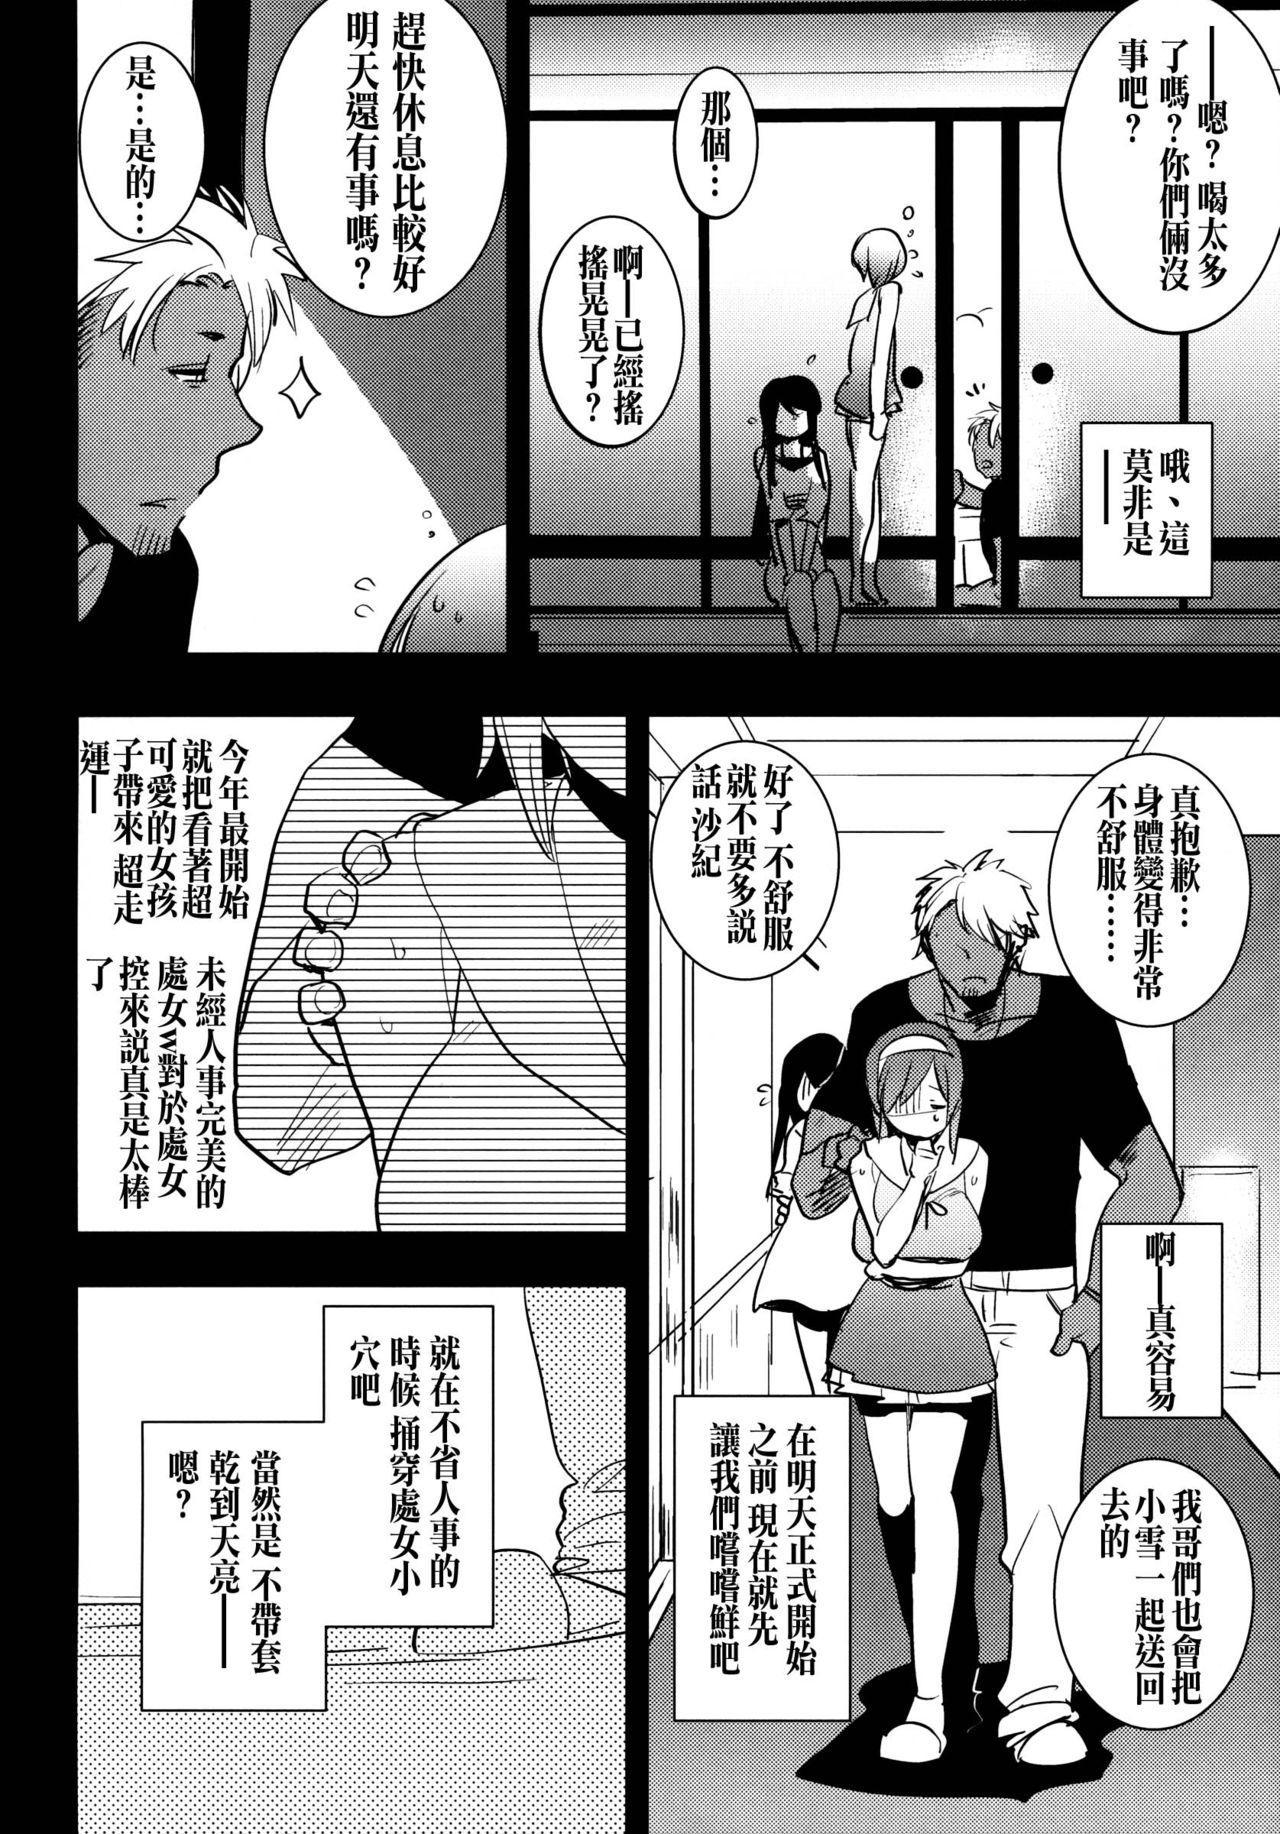 Futanari Musume ga Kuu! 5